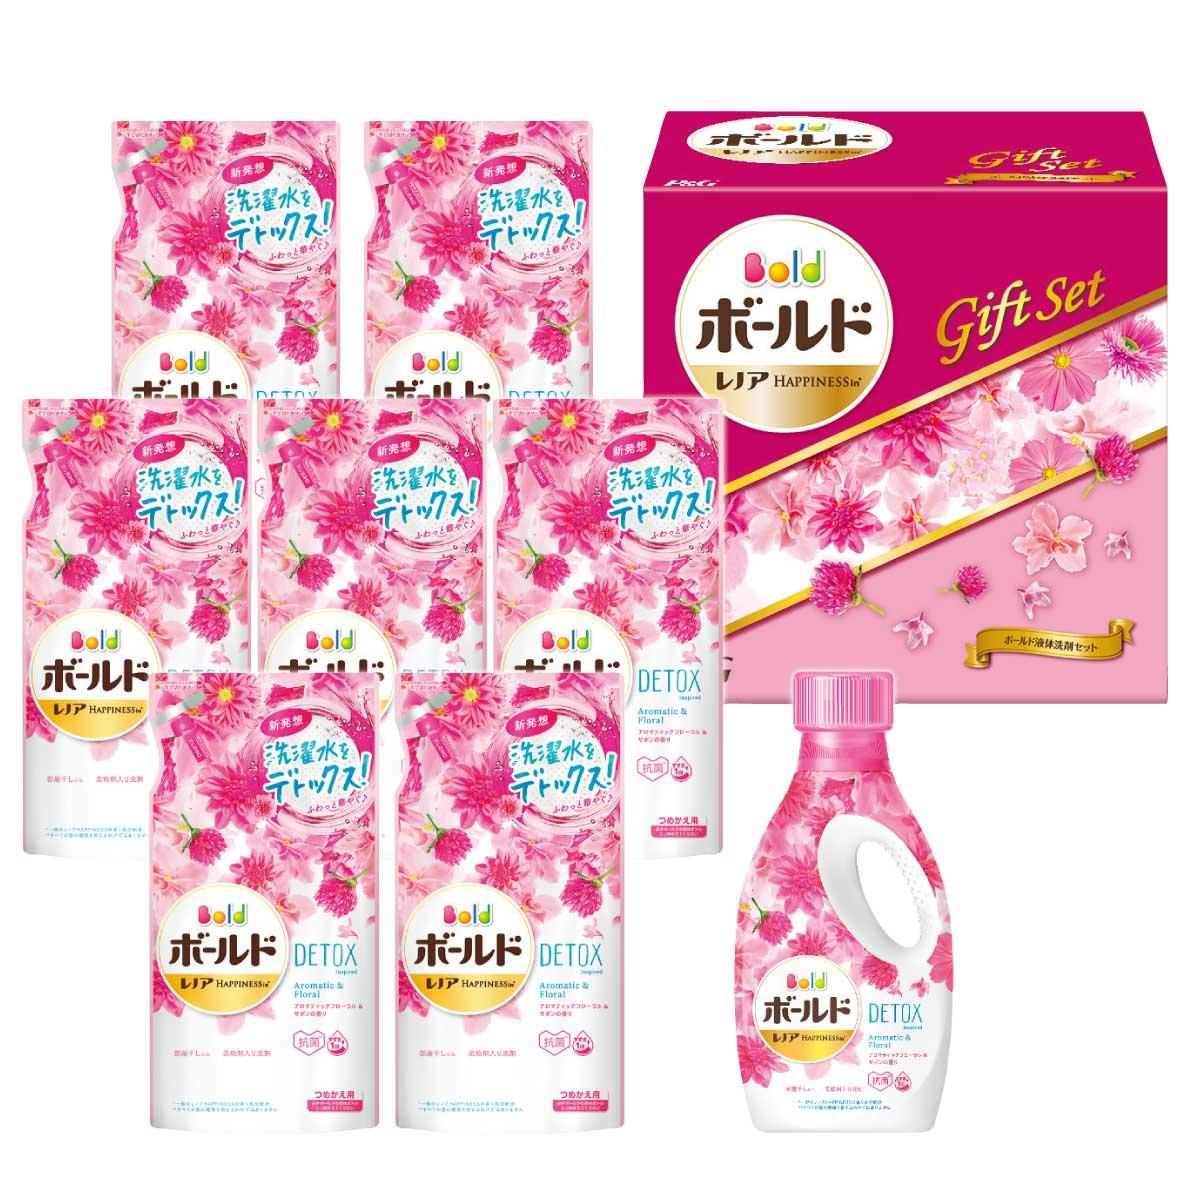 【送料無料】申込番号400* P&G ボールド液体洗剤セット<PGLB-50A>【お中元】【御中元】【夏ギフト】